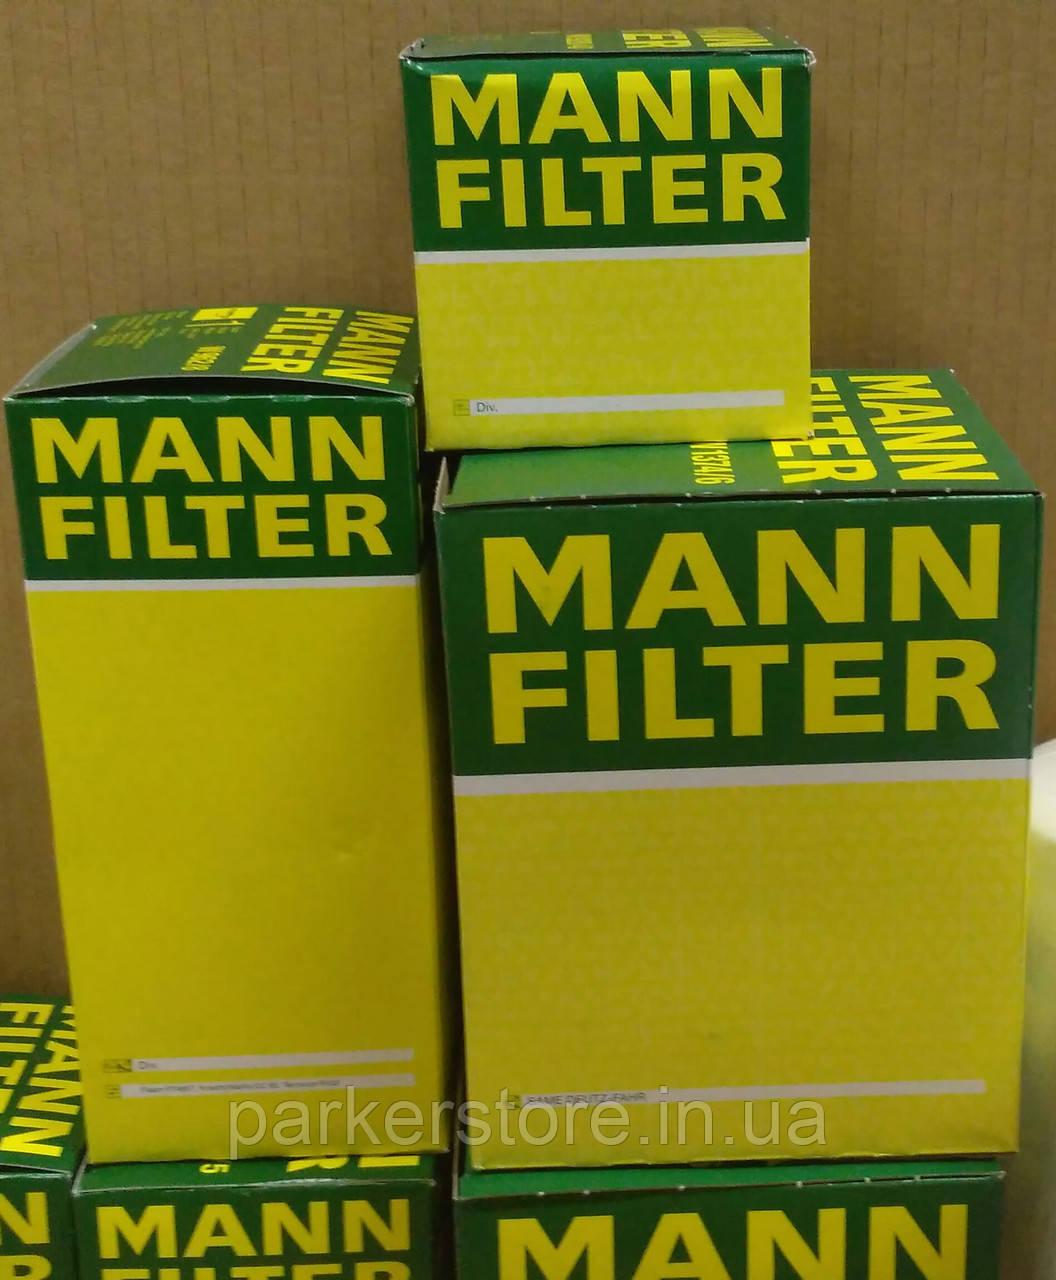 MANN FILTER / Воздушный фильтр / C 26 003 / C26003